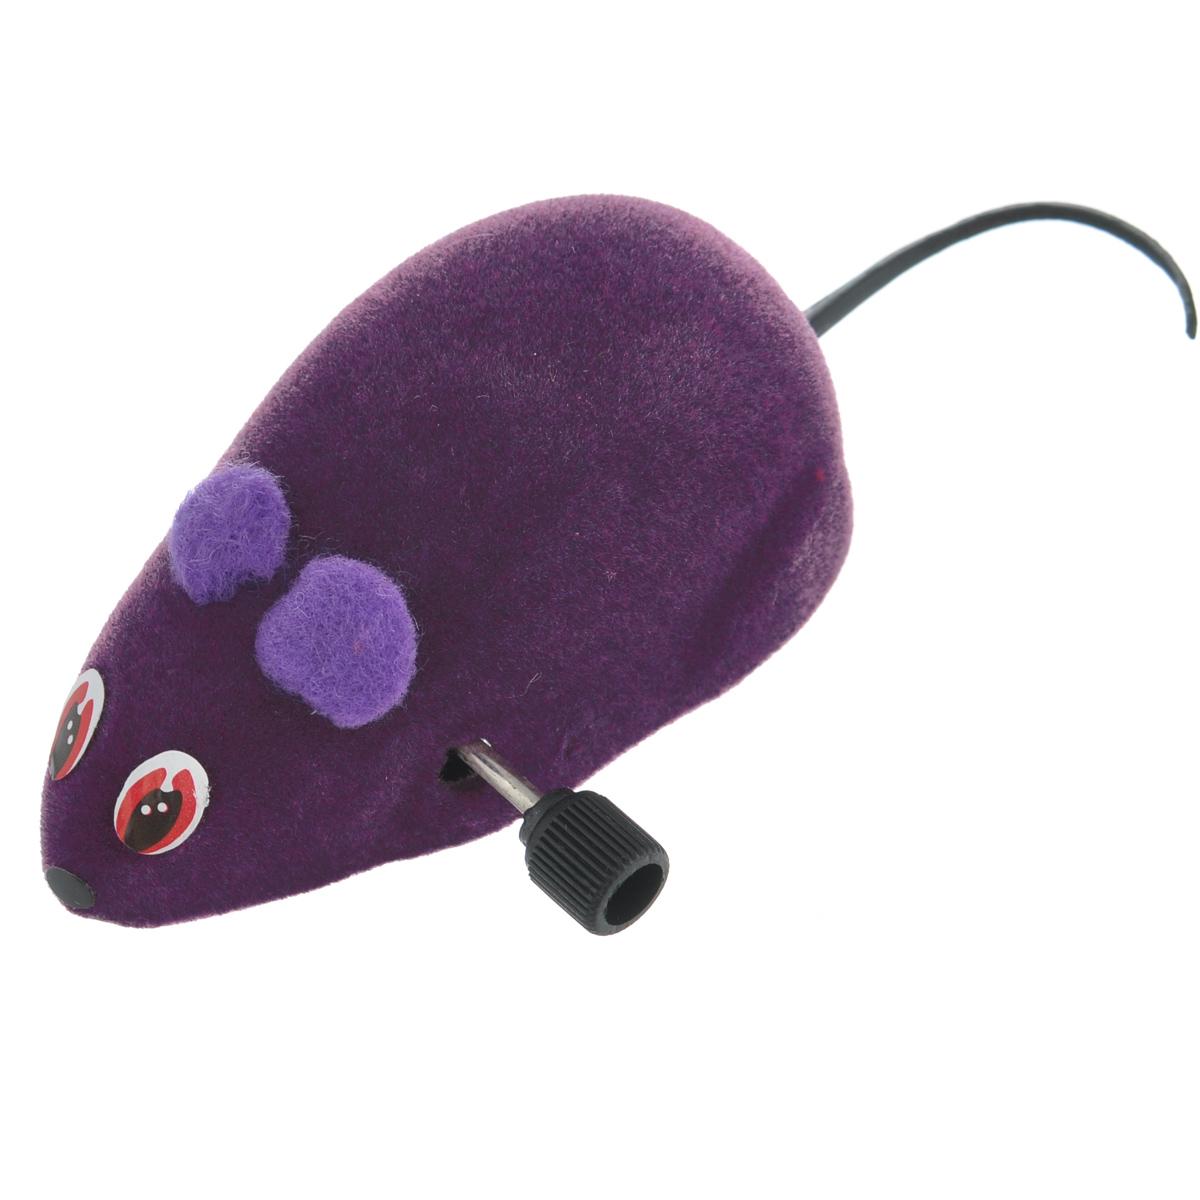 Игрушка для кошек Beeztees Мышь заводная, 440377 цвет: фиолетовый игрушка для кошек трикси мышка заводная 7 см